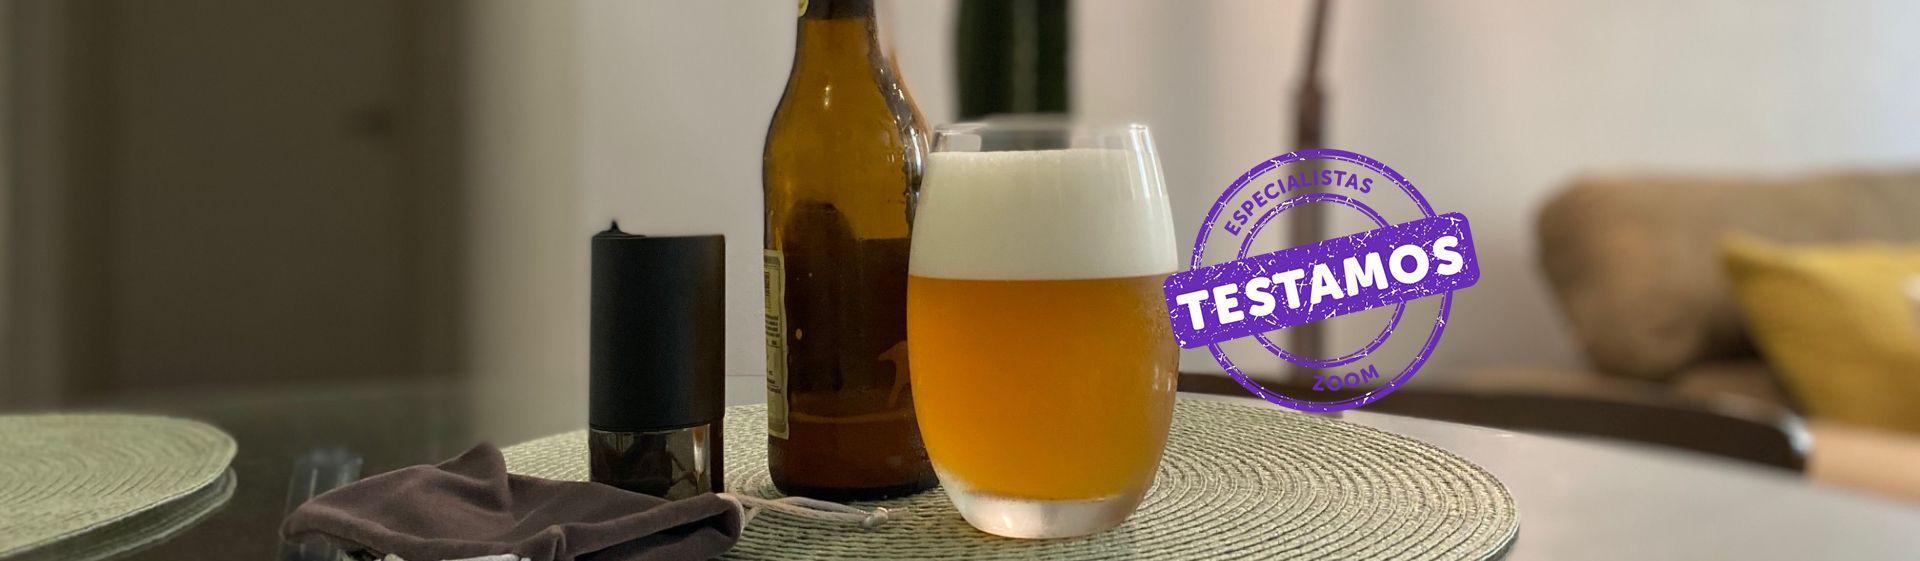 Chopeira portátil Xiaomi para garrafas: aparelho adiciona espuma densa e suave a qualquer cerveja